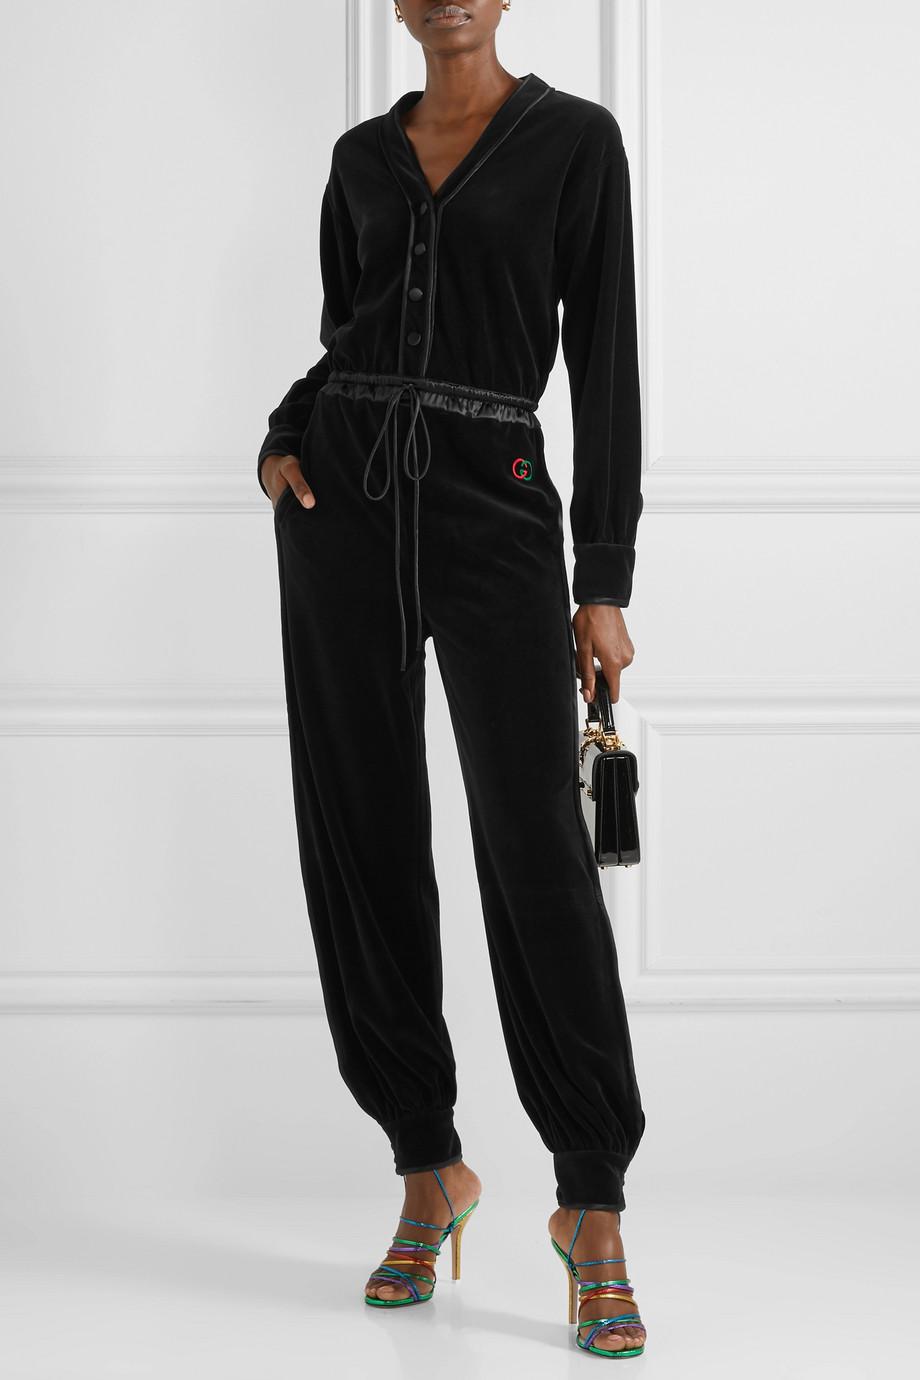 Gucci Satin-trimmed cotton-blend velvet jumpsuit